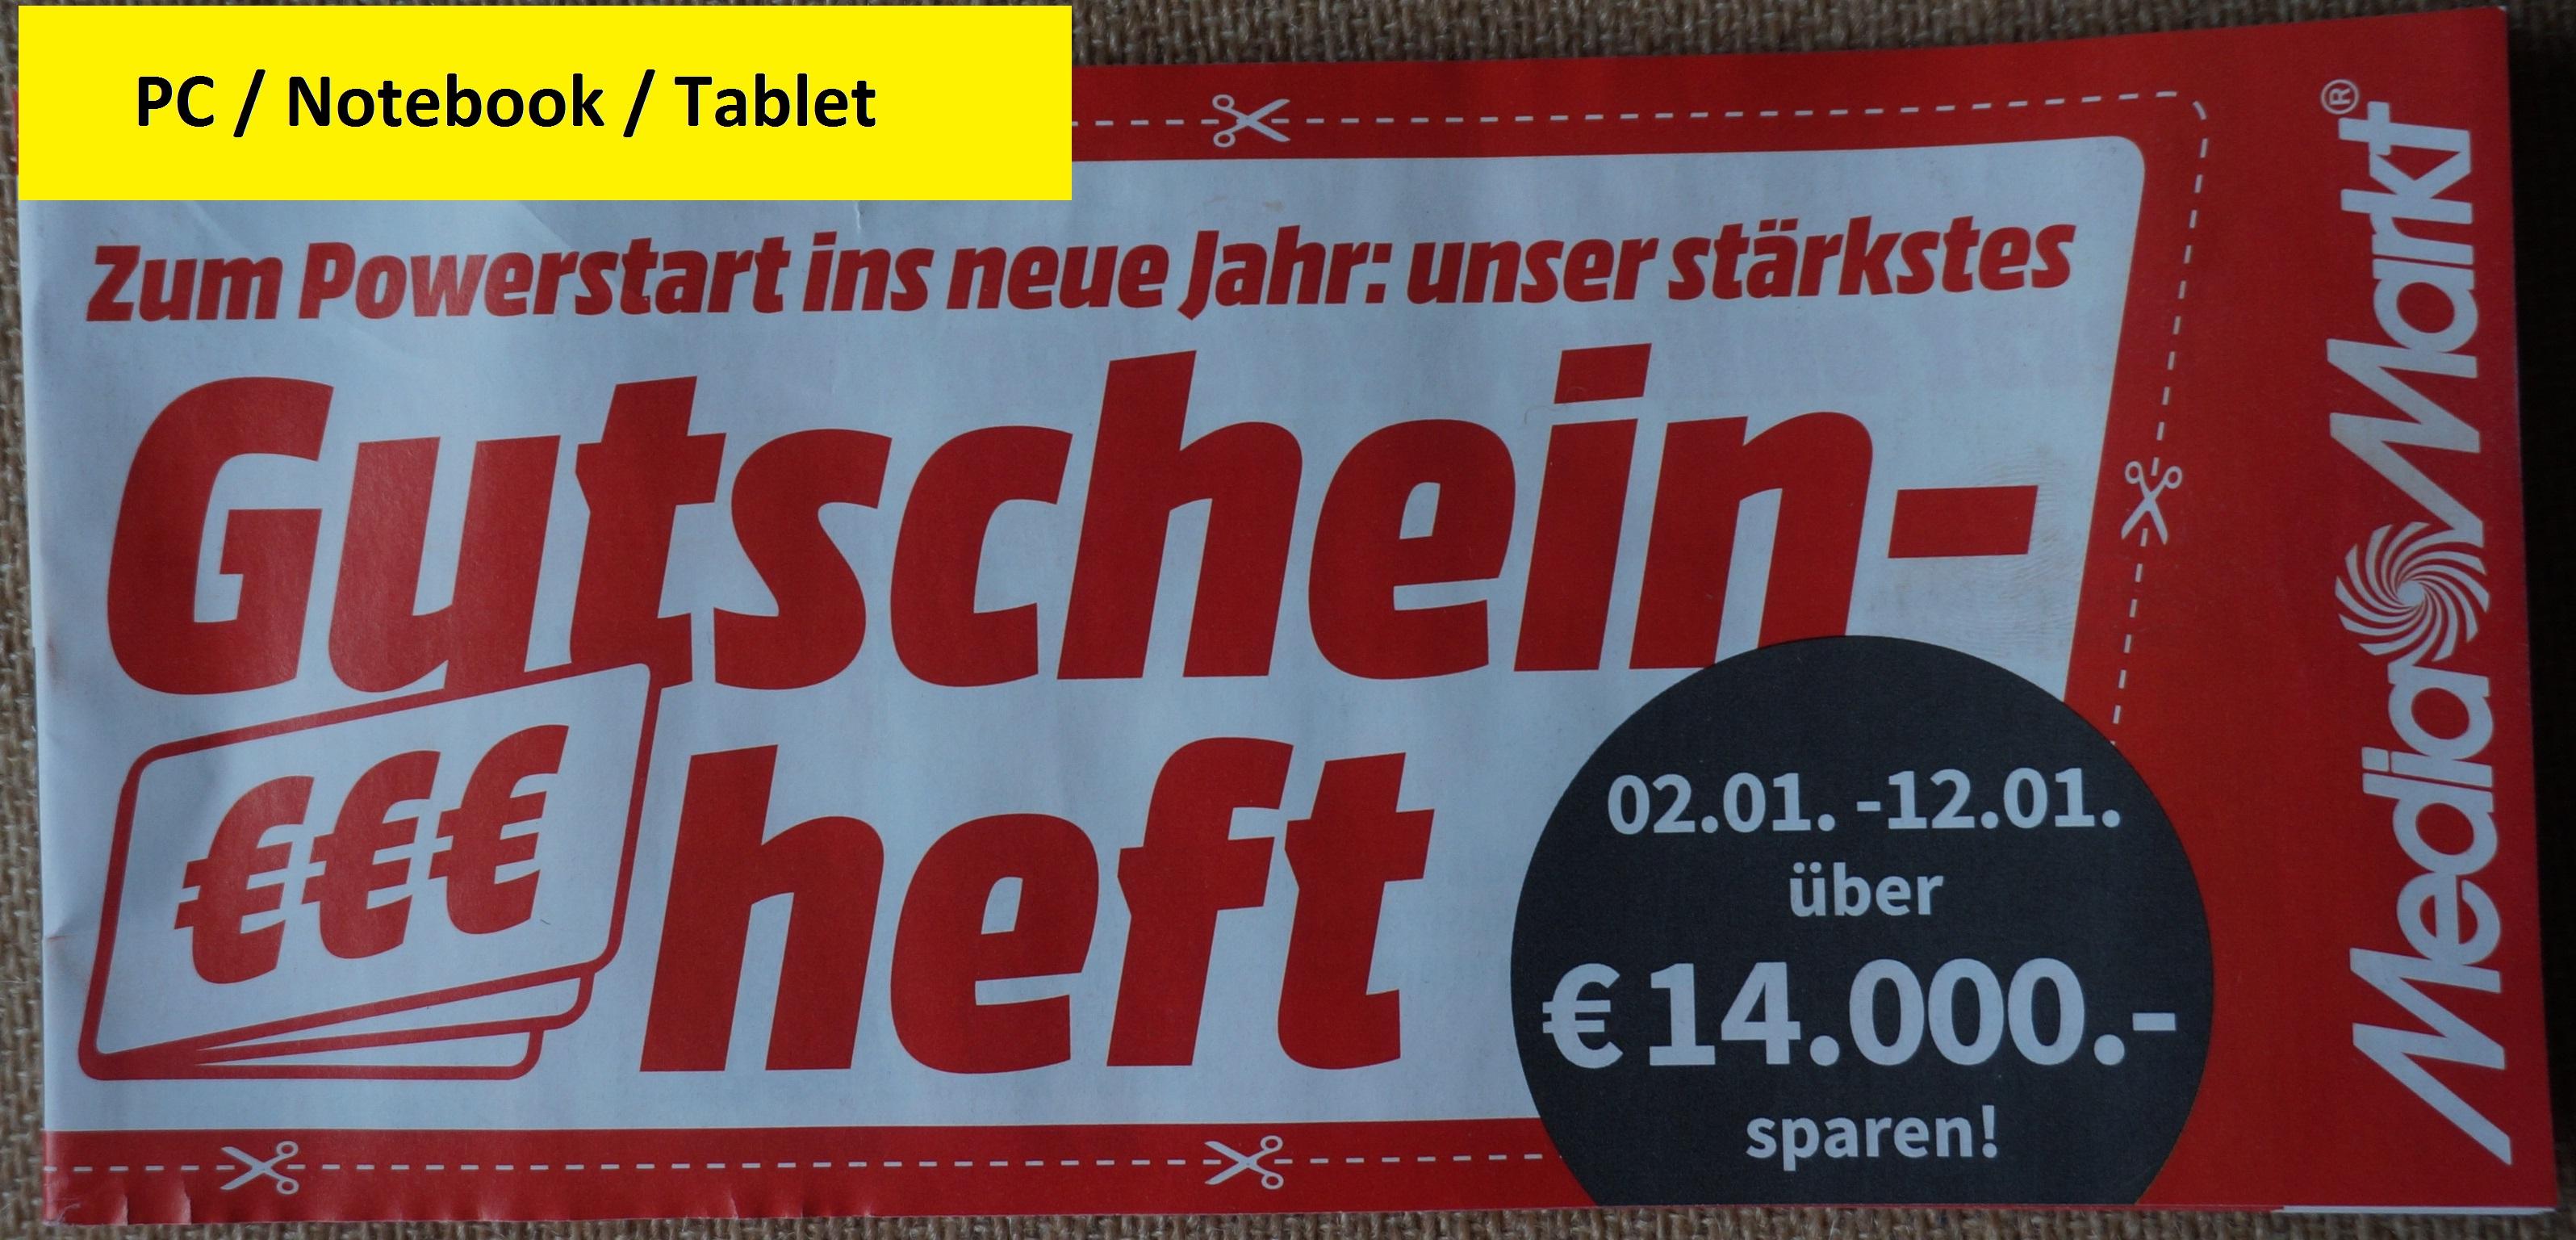 [Media Markt] Nur Online - Gutschein Heft: PC / Notebook / Tablet gültig 02.01.2021 - 12.01.2021